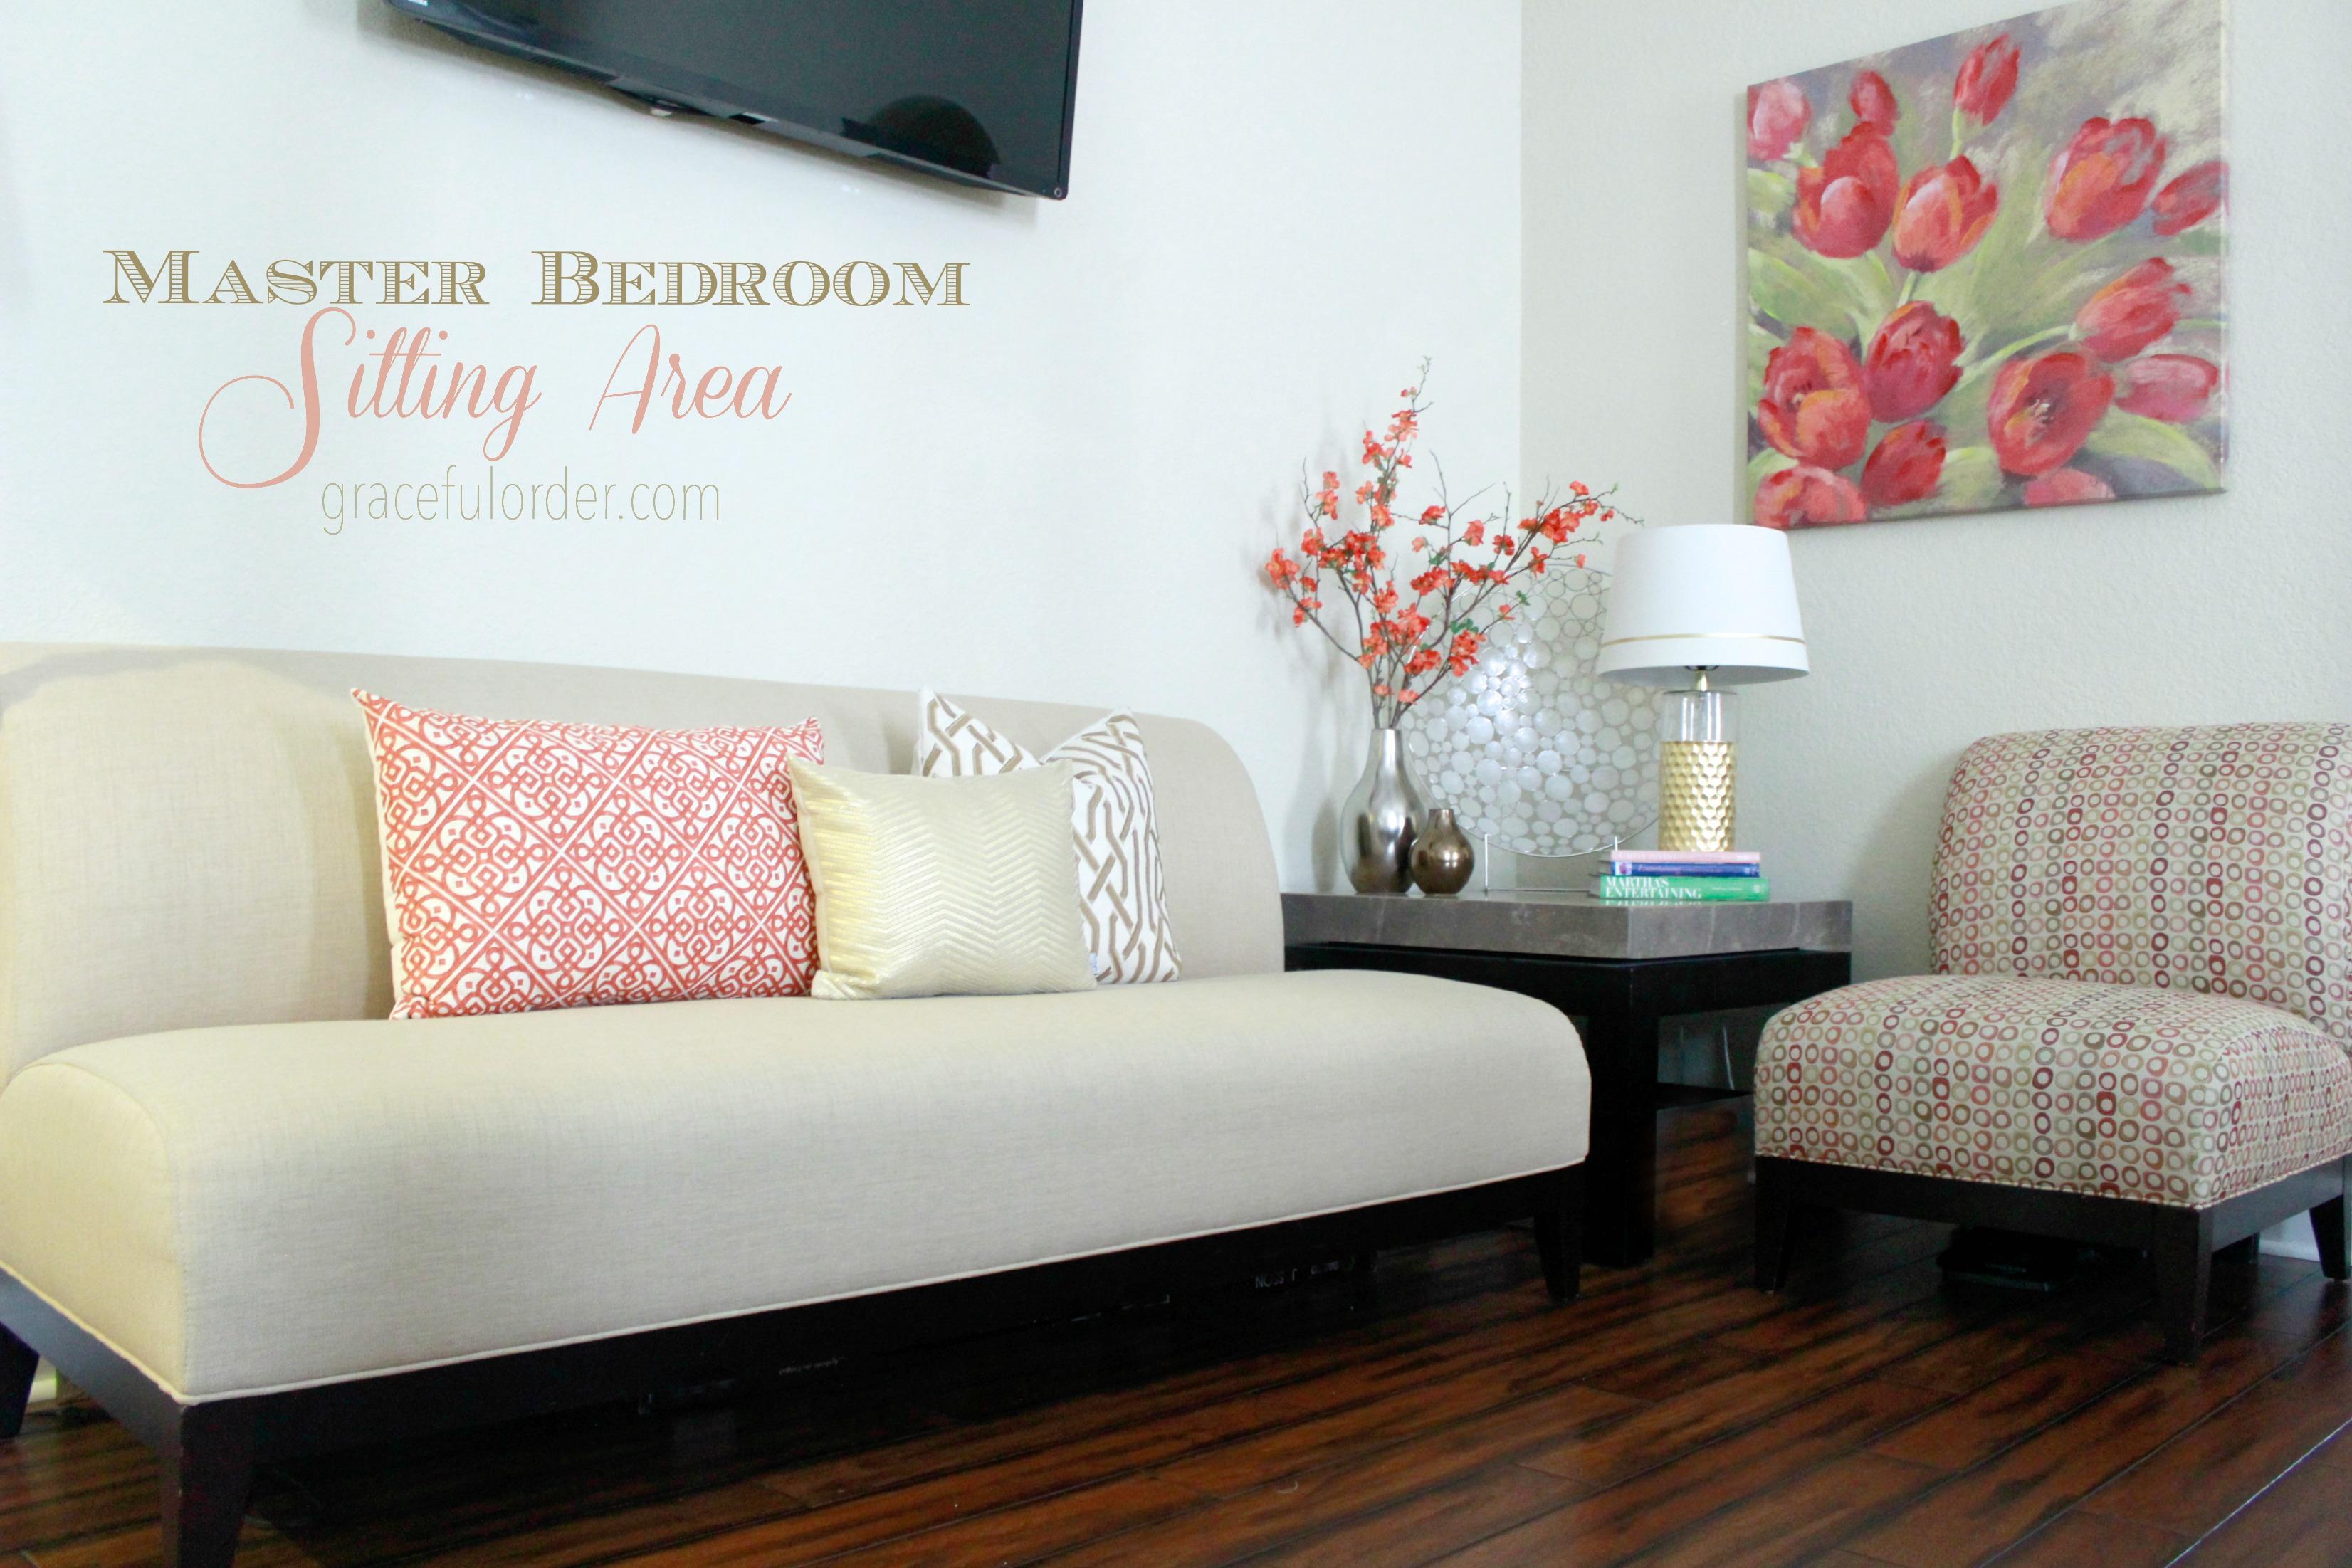 Master Bedroom Sitting Area - Graceful Order